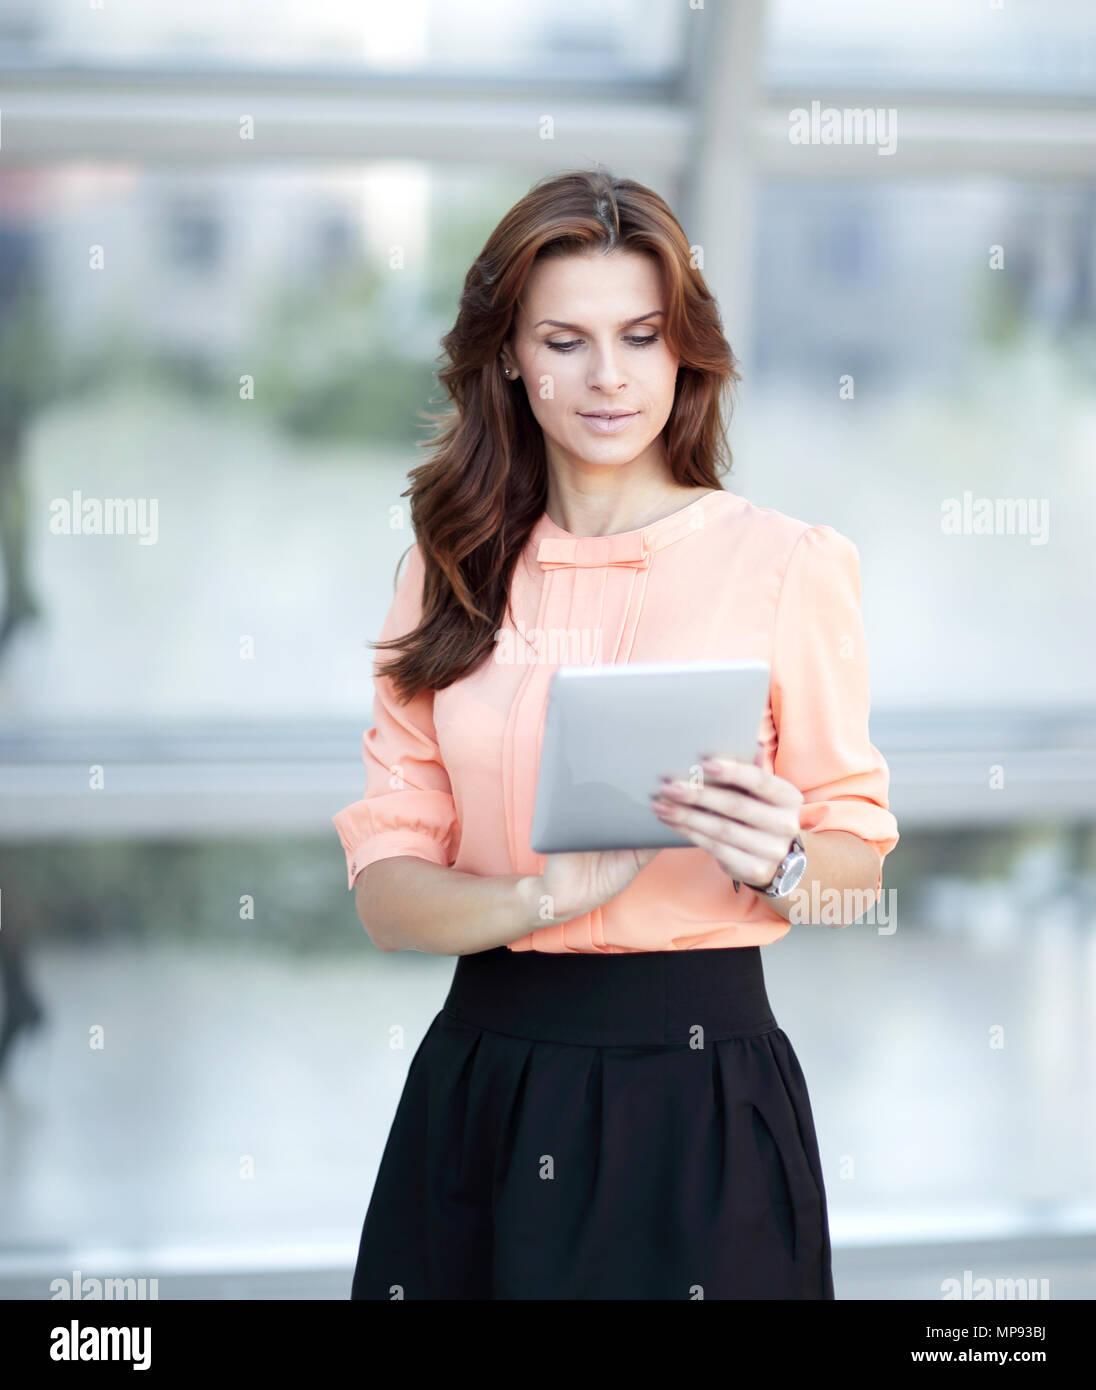 Femme d'affaires moderne de la saisie de texte sur une tablette numérique. Photo Stock